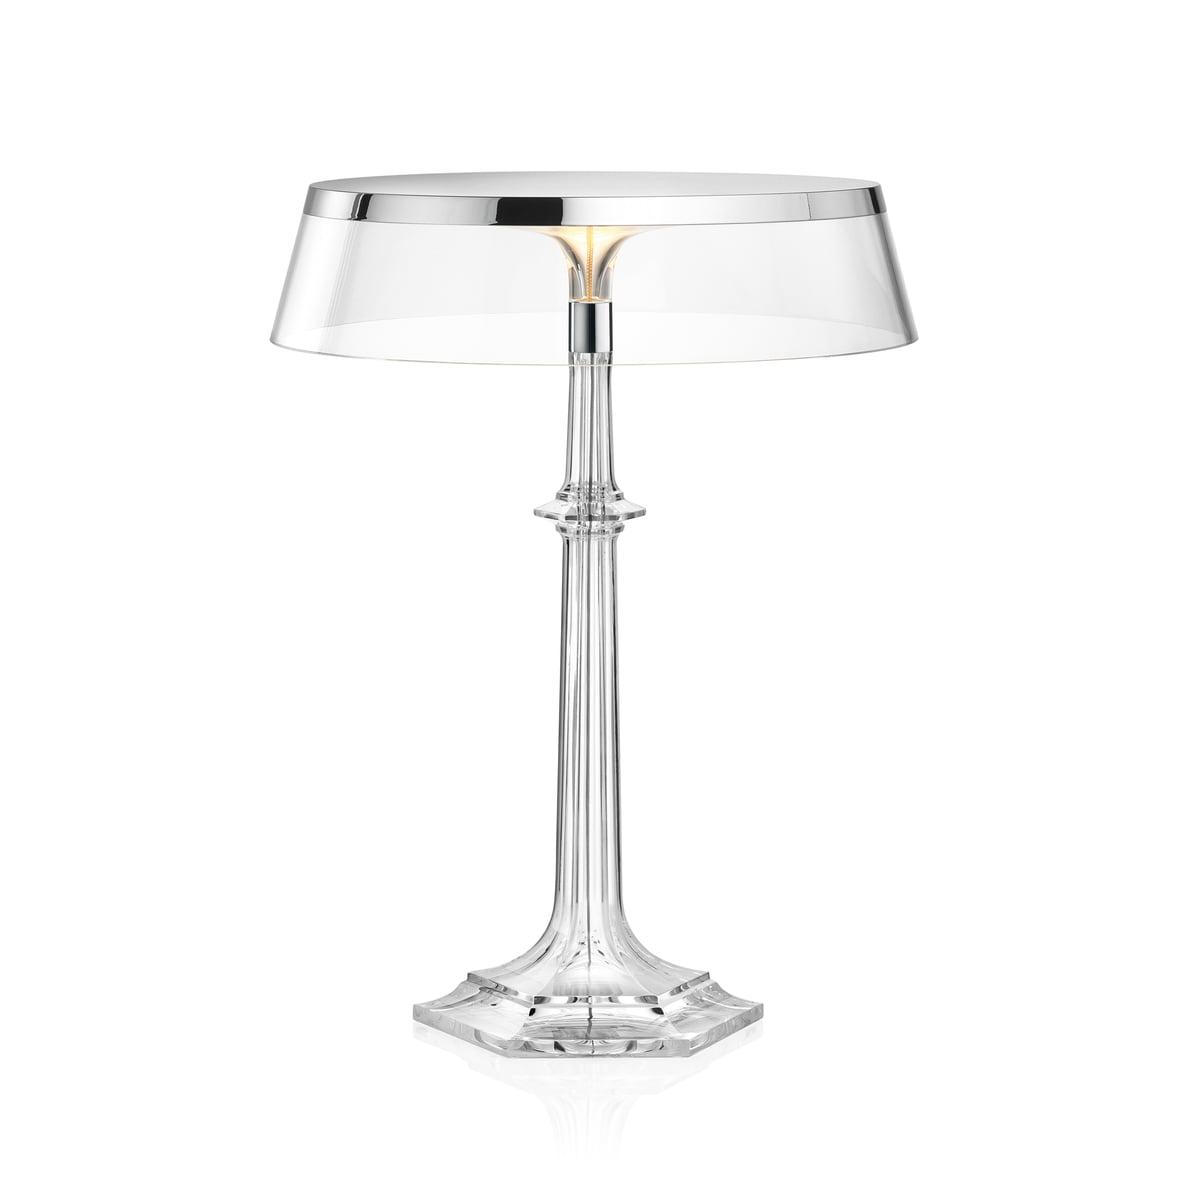 Bon jour versailles led table lamp by flos connox for Table lamp 27 cm